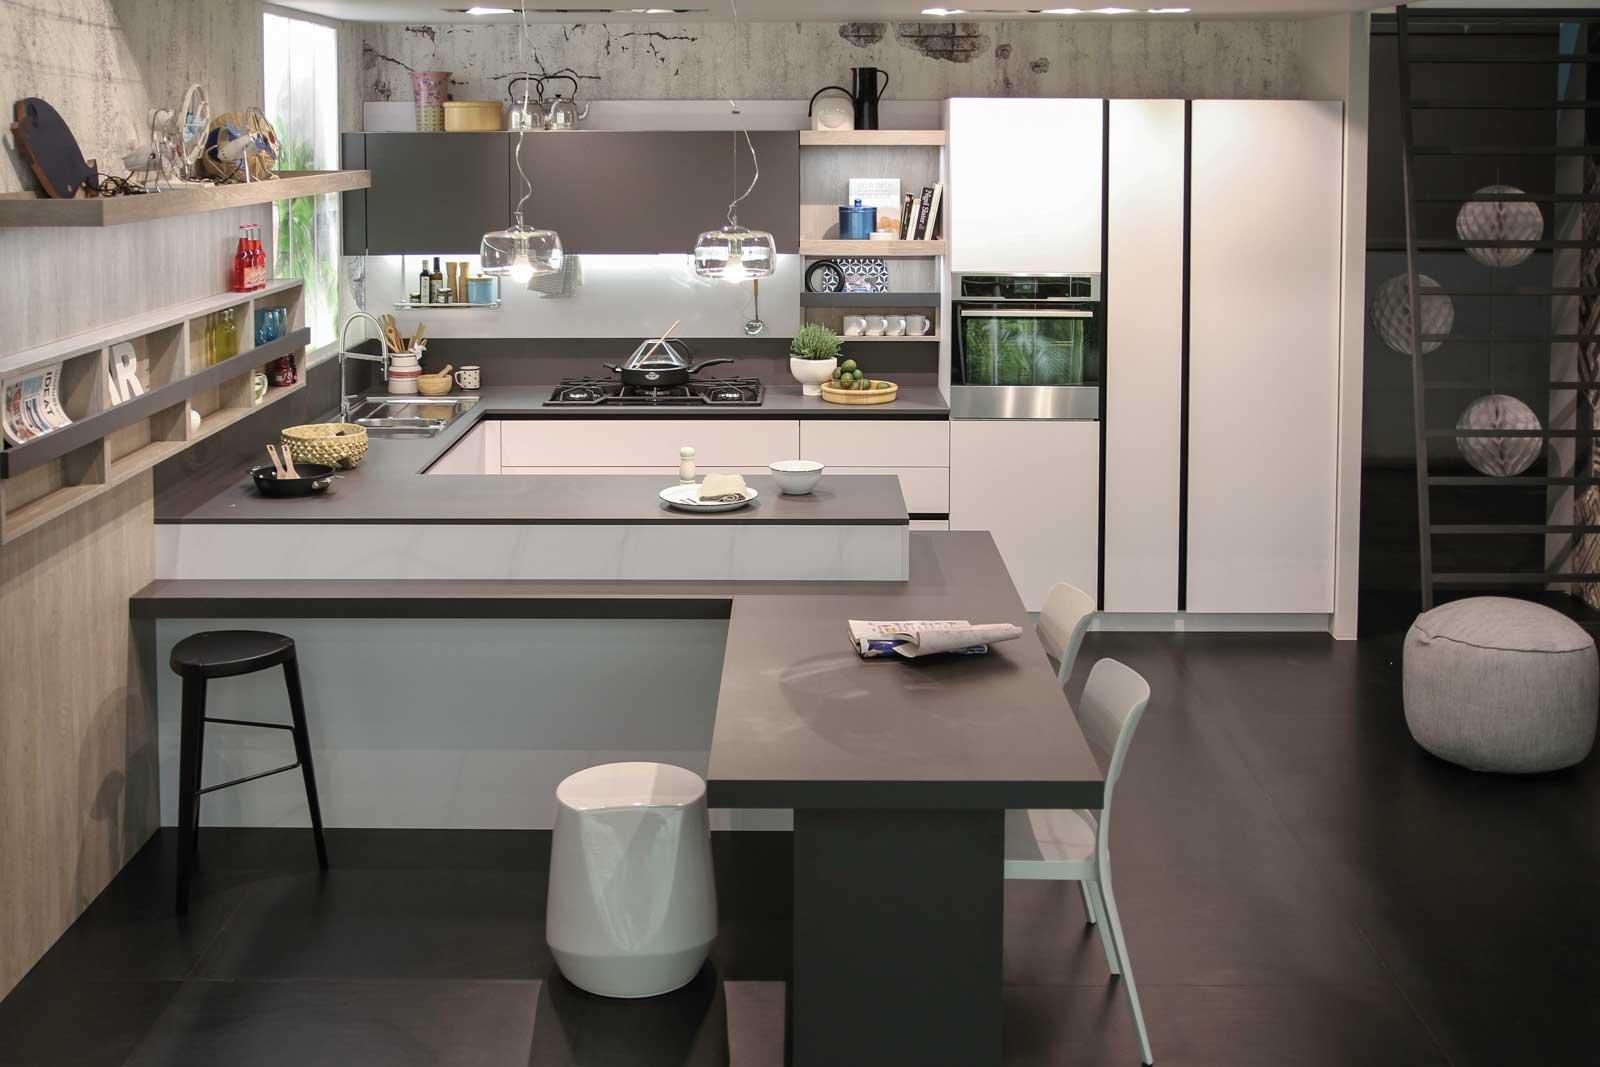 Cucina: uno spazio con tante identità - Cose di Casa